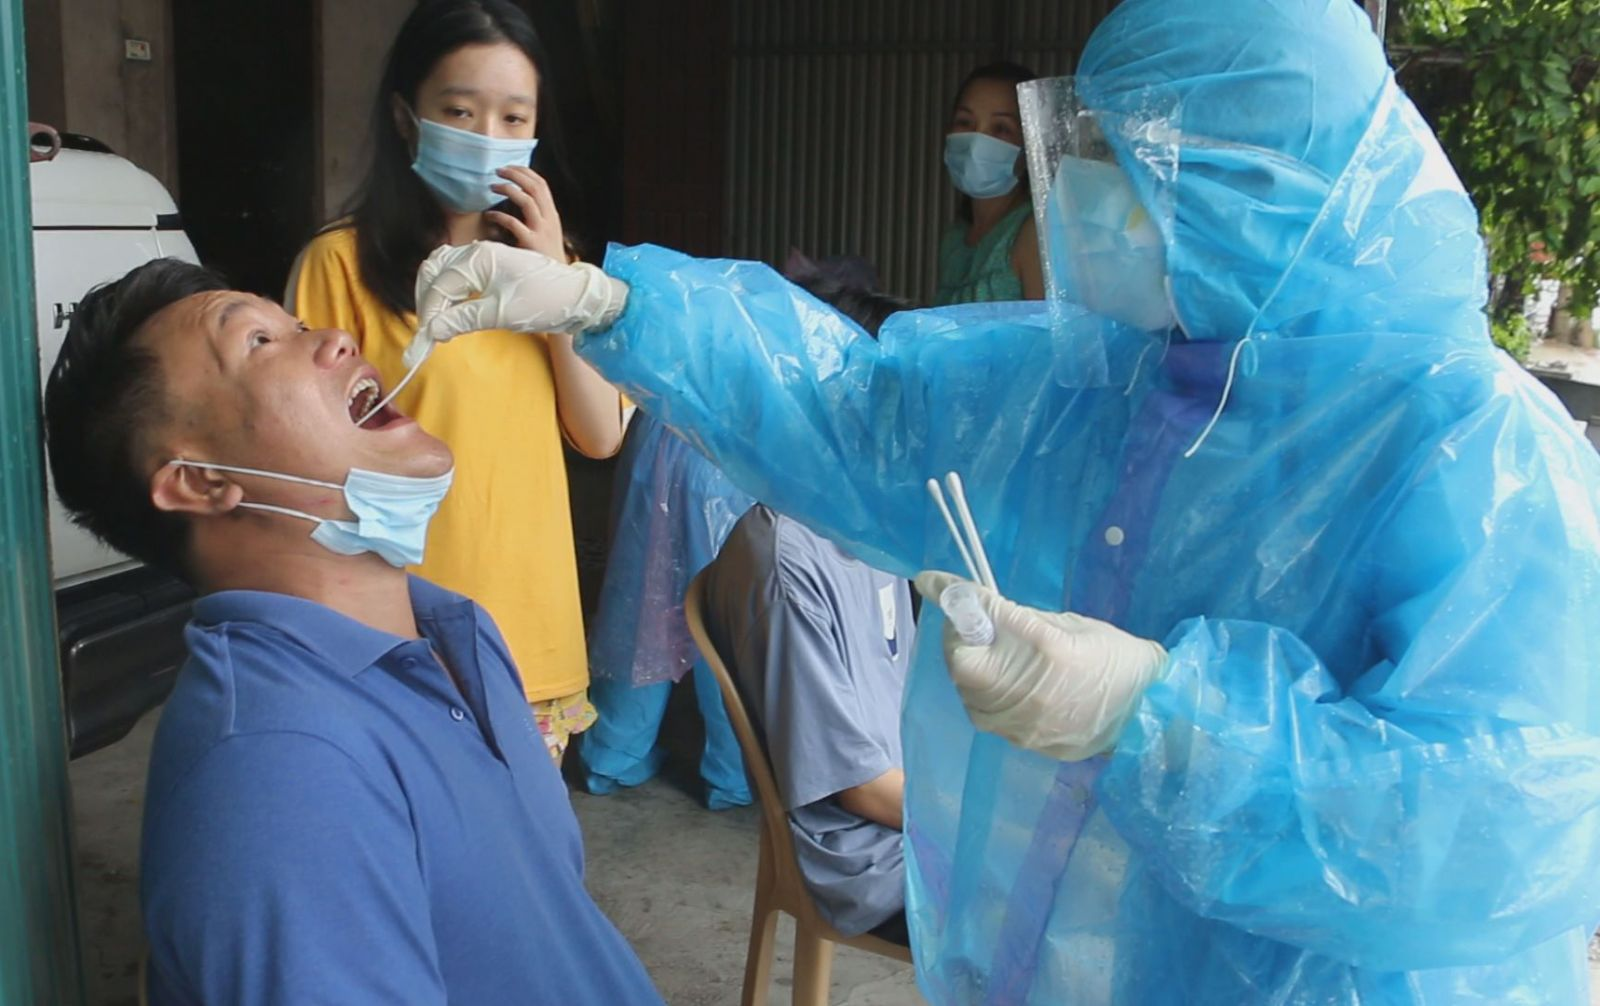 Hà Tĩnh ghi nhận 62 ca dương tính với SARS-CoV-2 trong 10 ngày qua